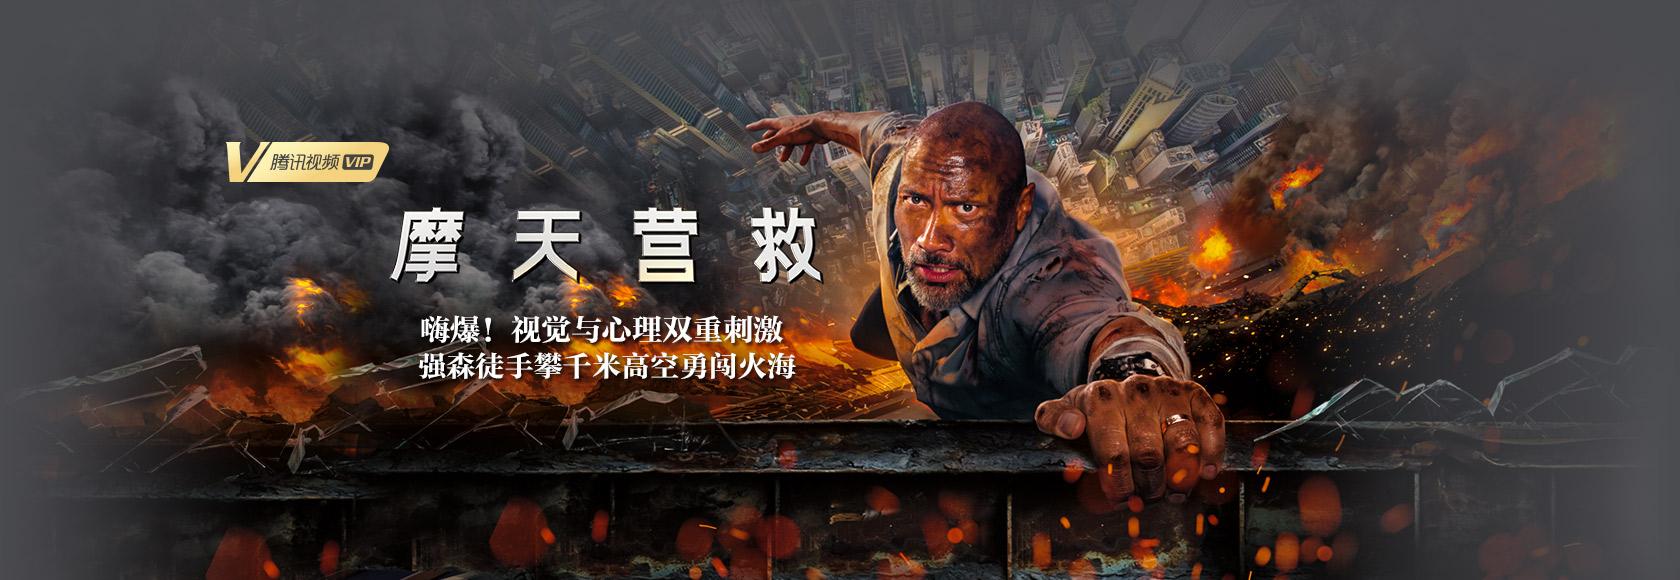 摩天营救 HD1280韩版高清无字